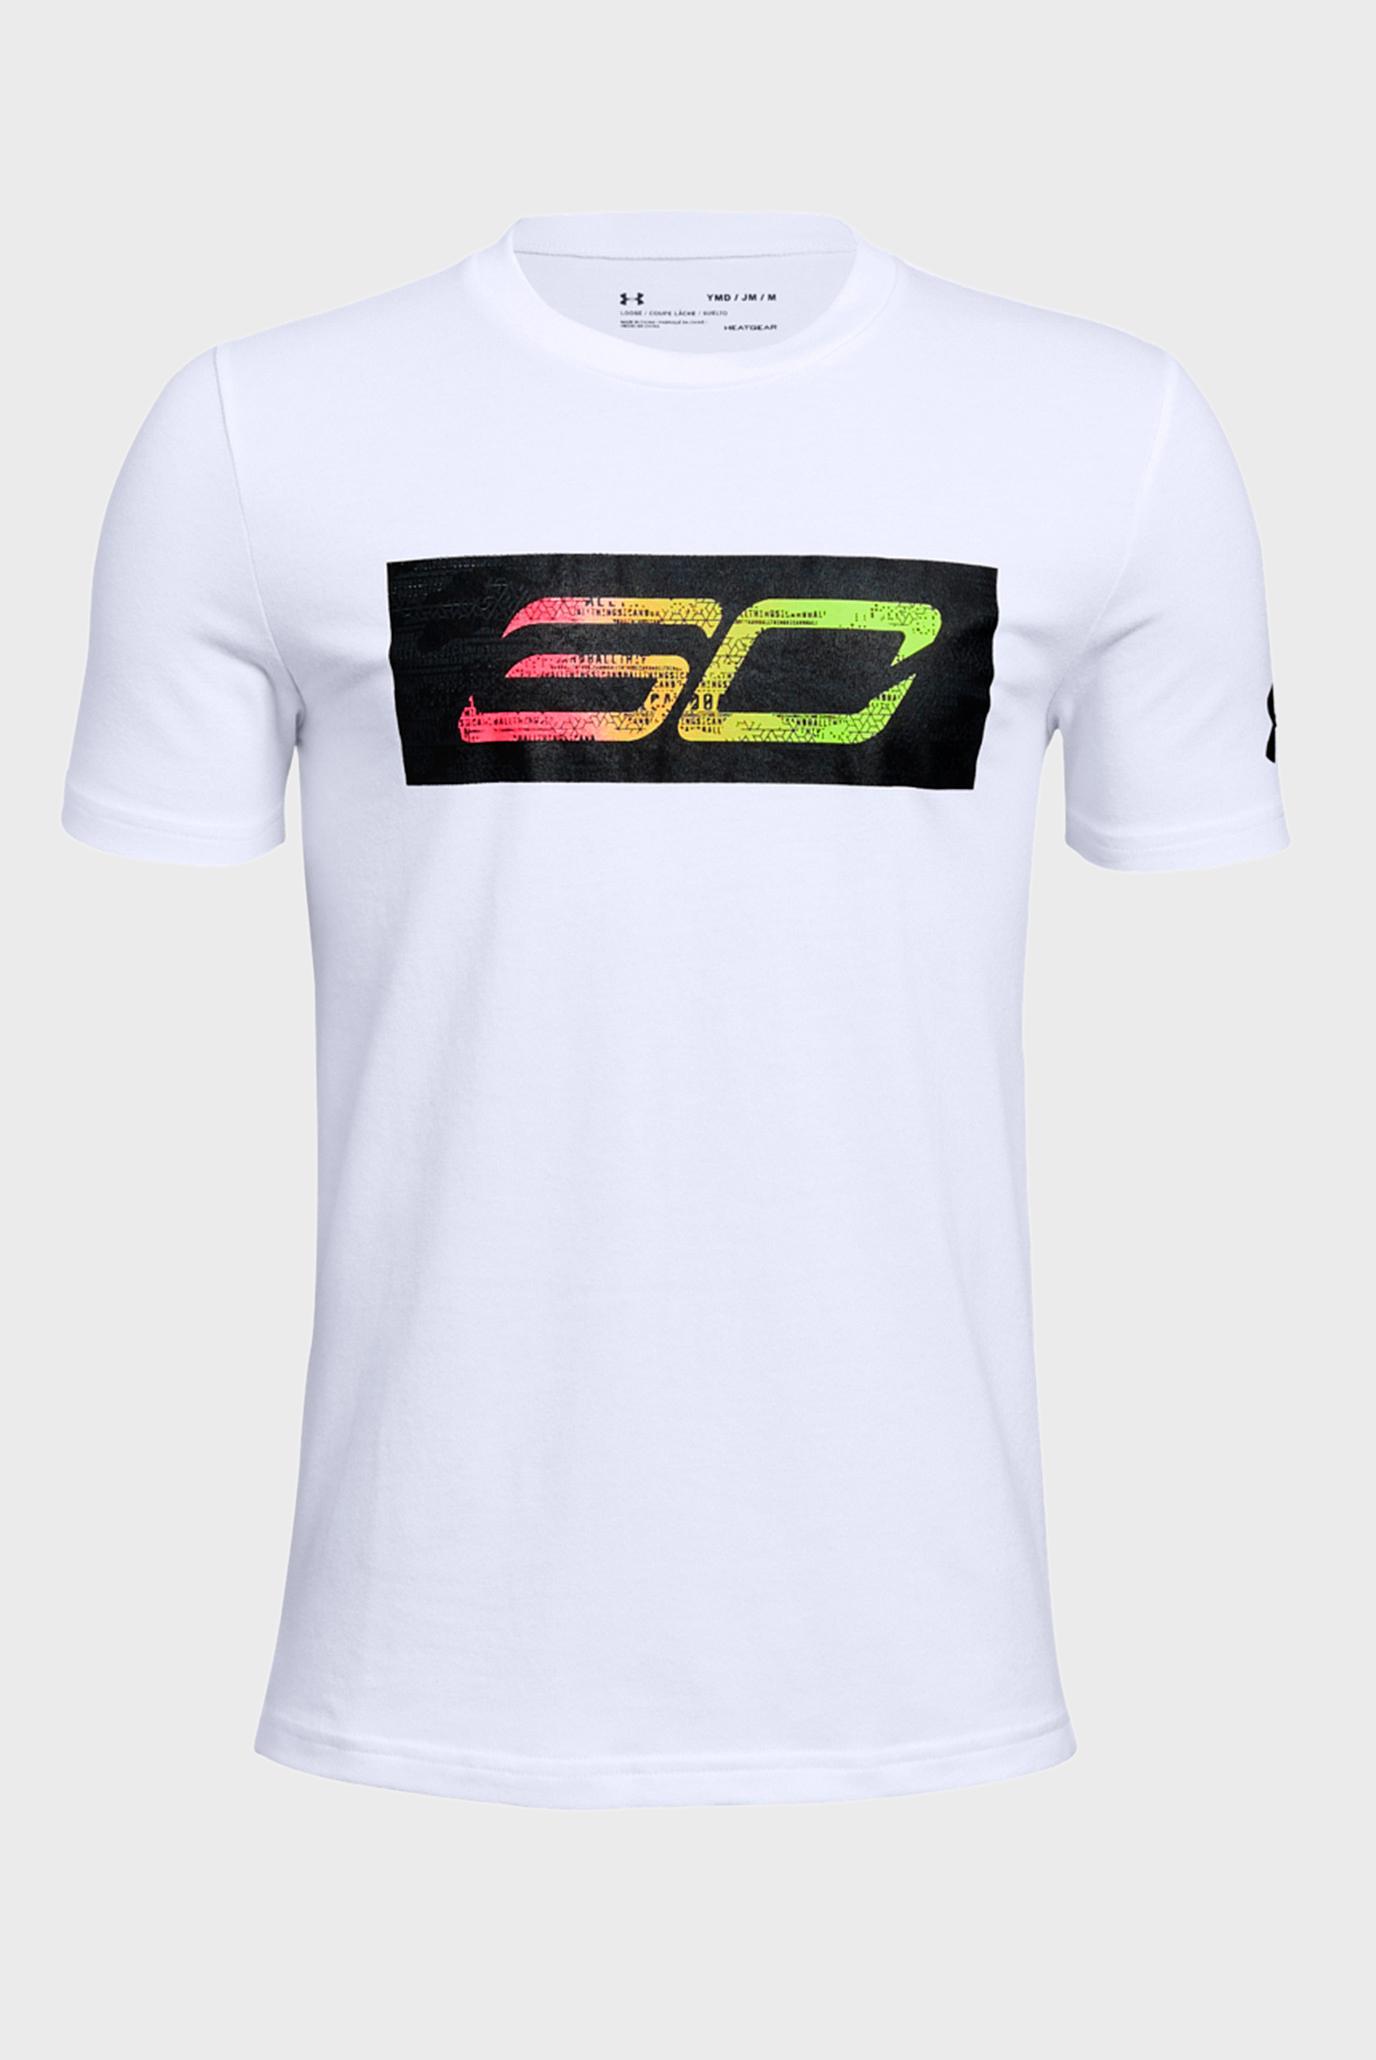 Купить Детская белая футболка SC30 Logo SS Tee Under Armour Under Armour 1317623-100 – Киев, Украина. Цены в интернет магазине MD Fashion